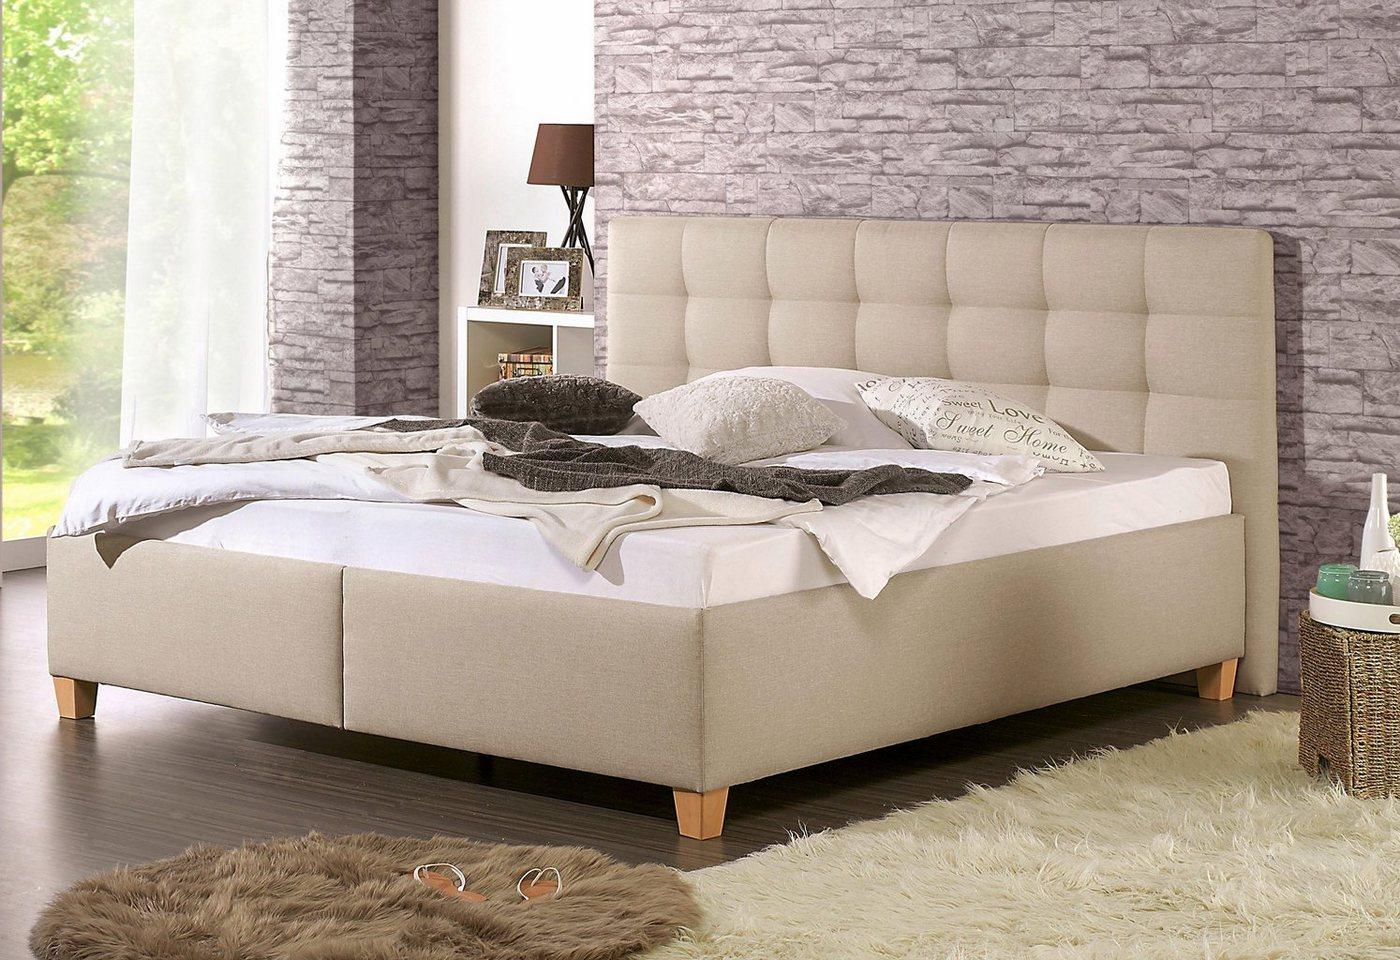 Home affaire Polsterbett »Timmy«, mit oder ohne Matratze in 2 Ausführungen, Härtegrad 2 oder 3 | Schlafzimmer > Betten > Polsterbetten | Home affaire